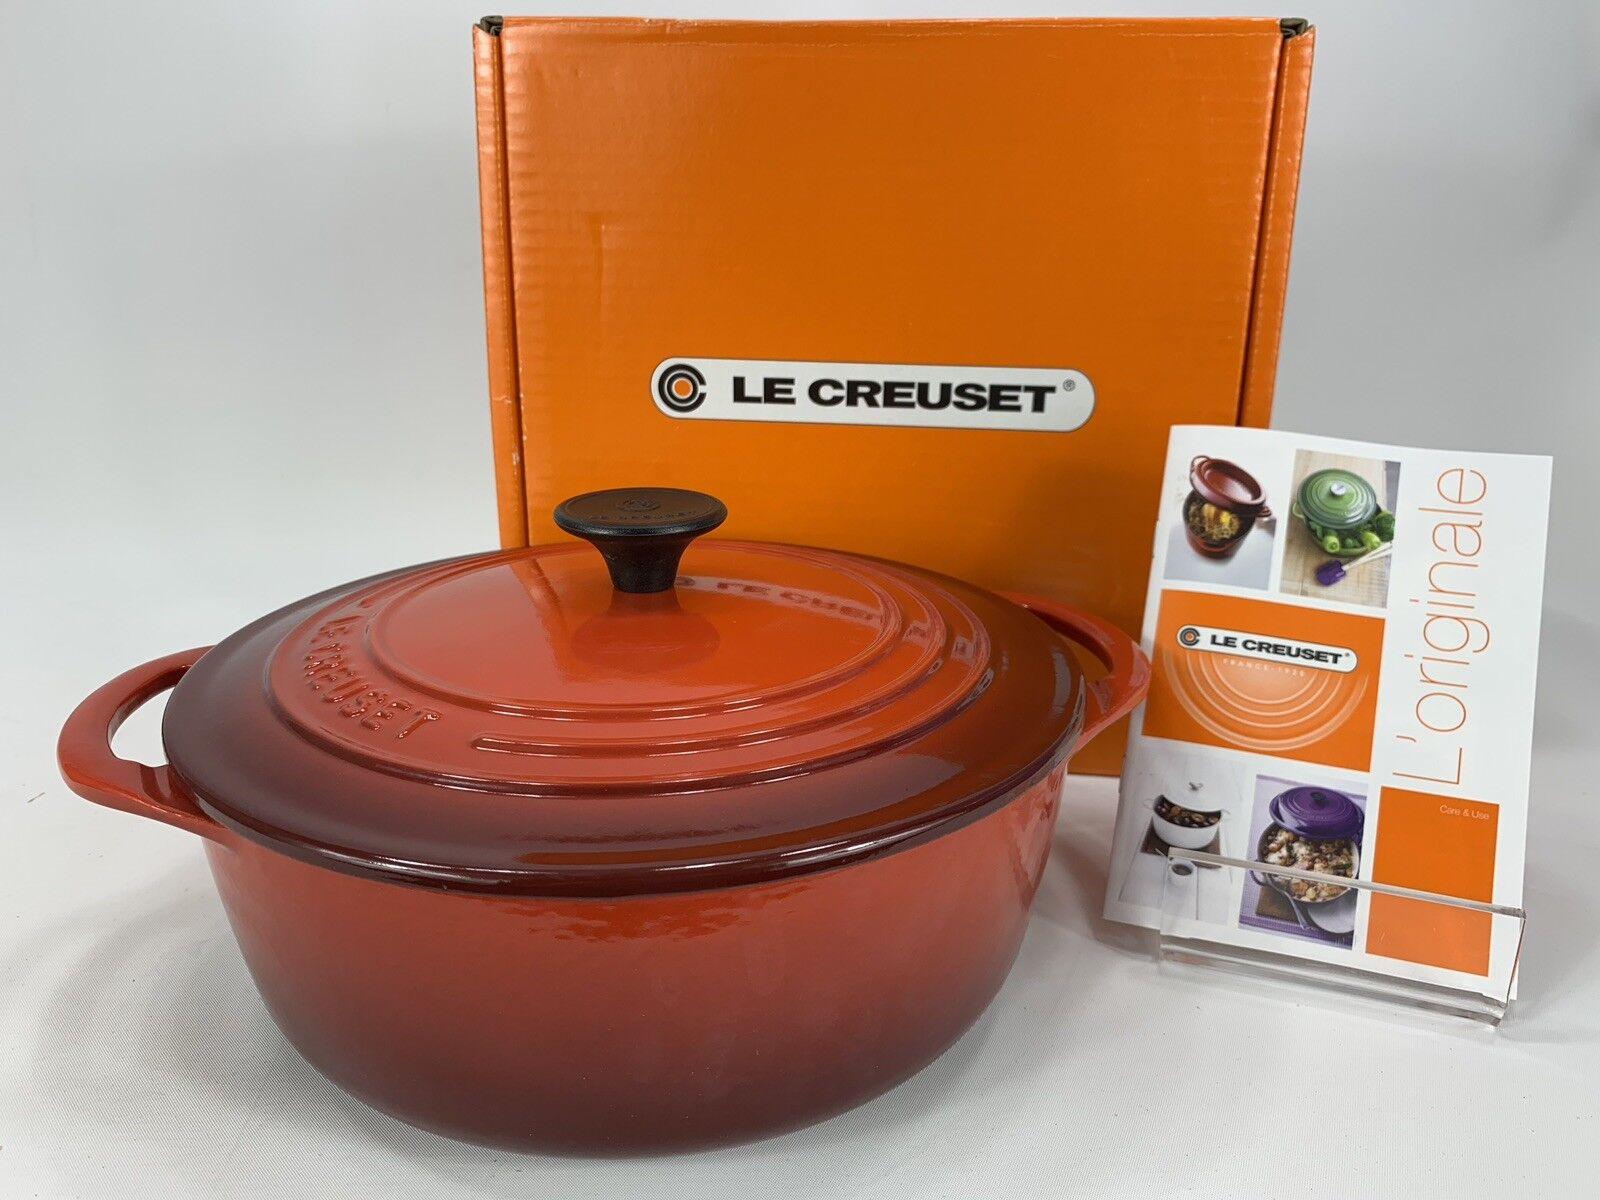 Le Creuset Nouveau 2.75 QT QT Round Casserole néerlandais Four Rouge Cerise finition glacée